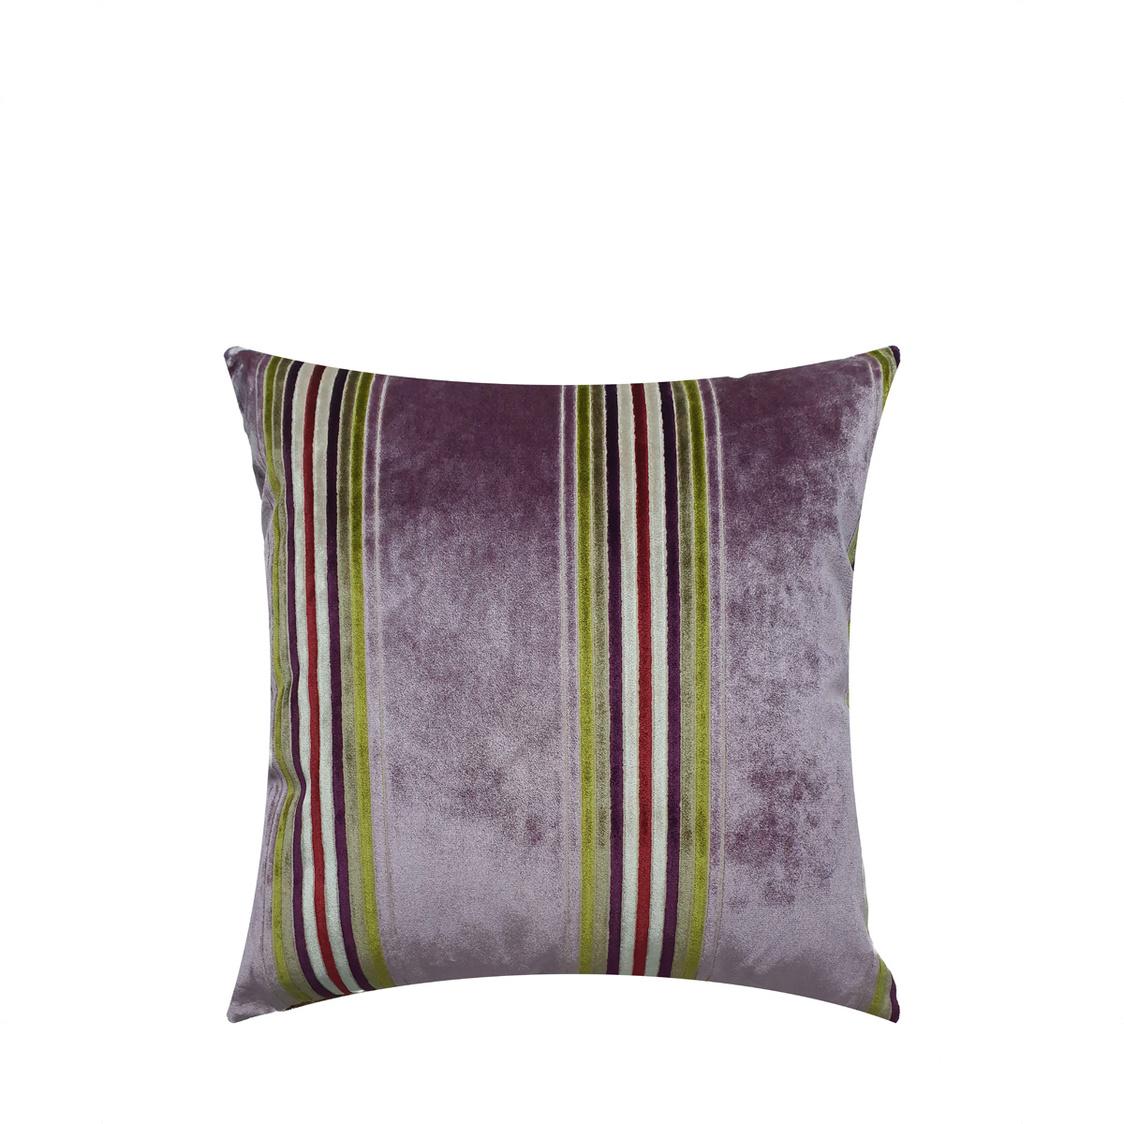 JRapee Desire Cushion Cover Purple 43x43cm